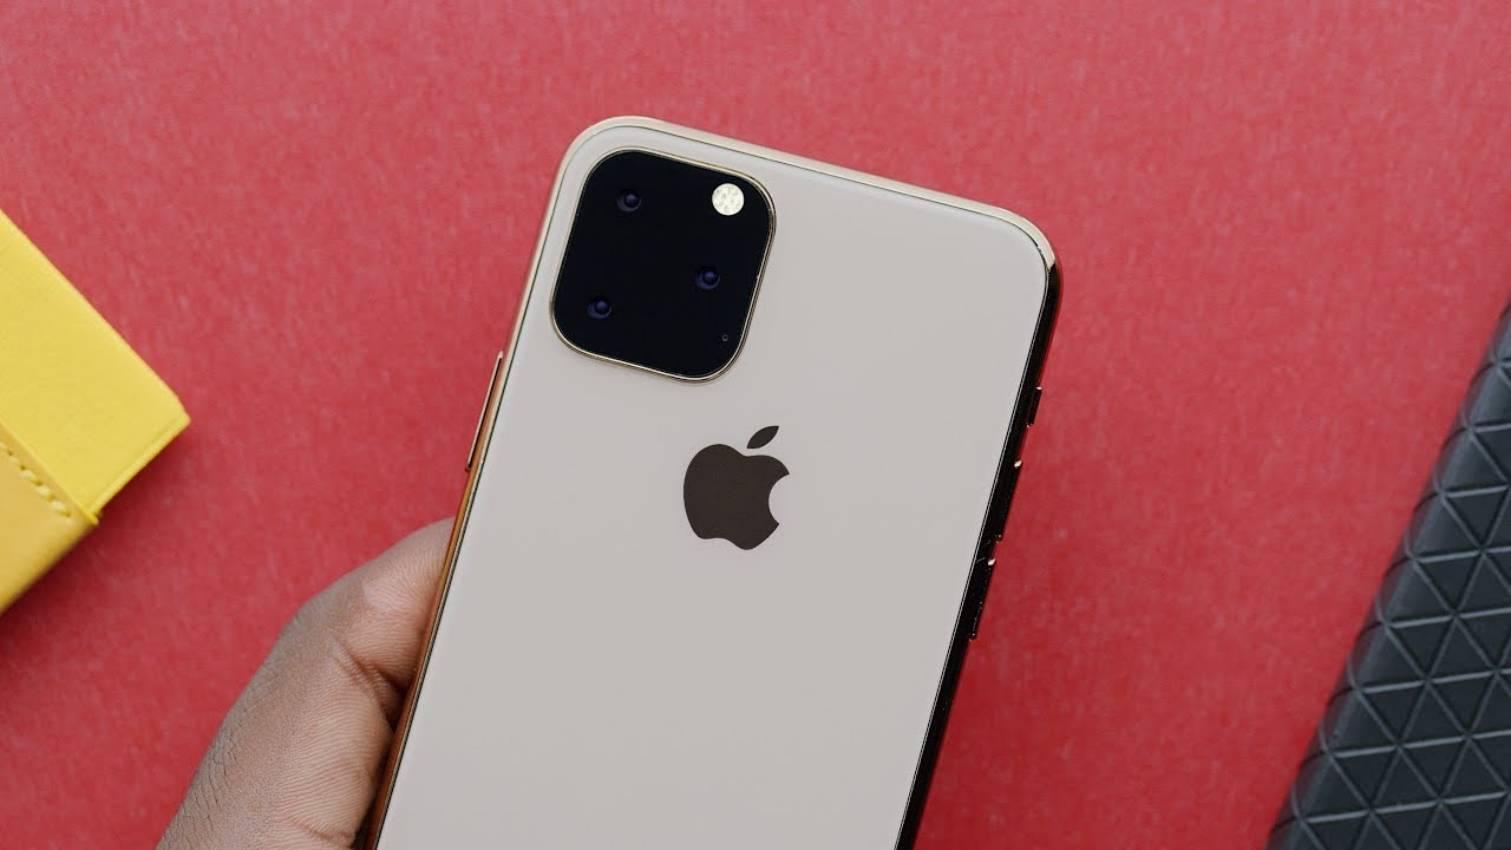 iPhone 11 Apple se Asteapta la CERERE MARE de la Clienti